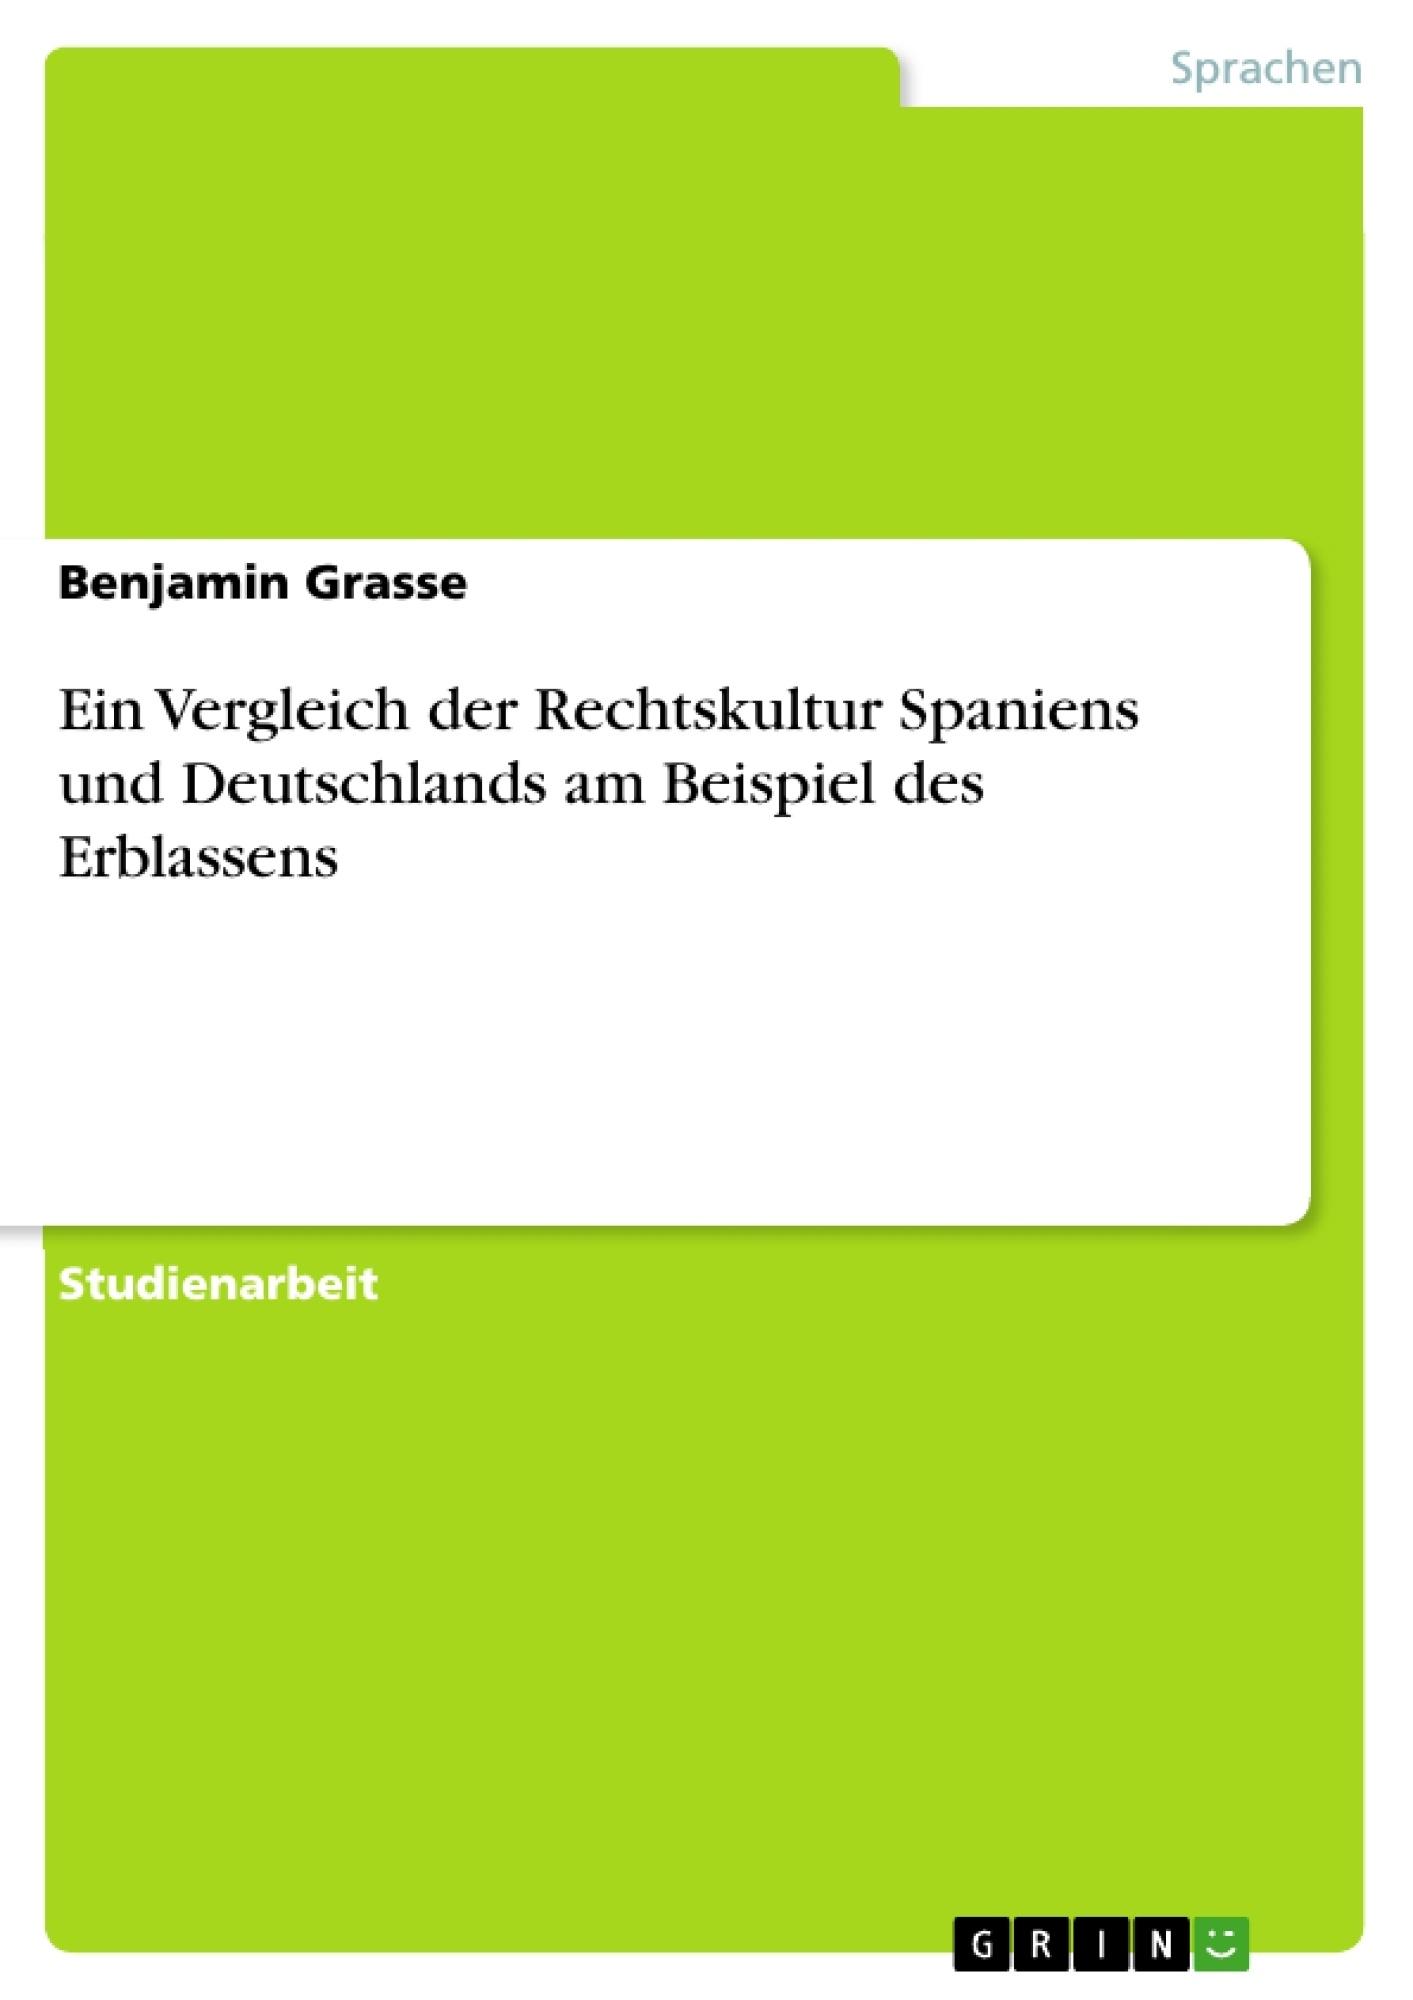 Titel: Ein Vergleich der Rechtskultur Spaniens und Deutschlands am Beispiel des Erblassens